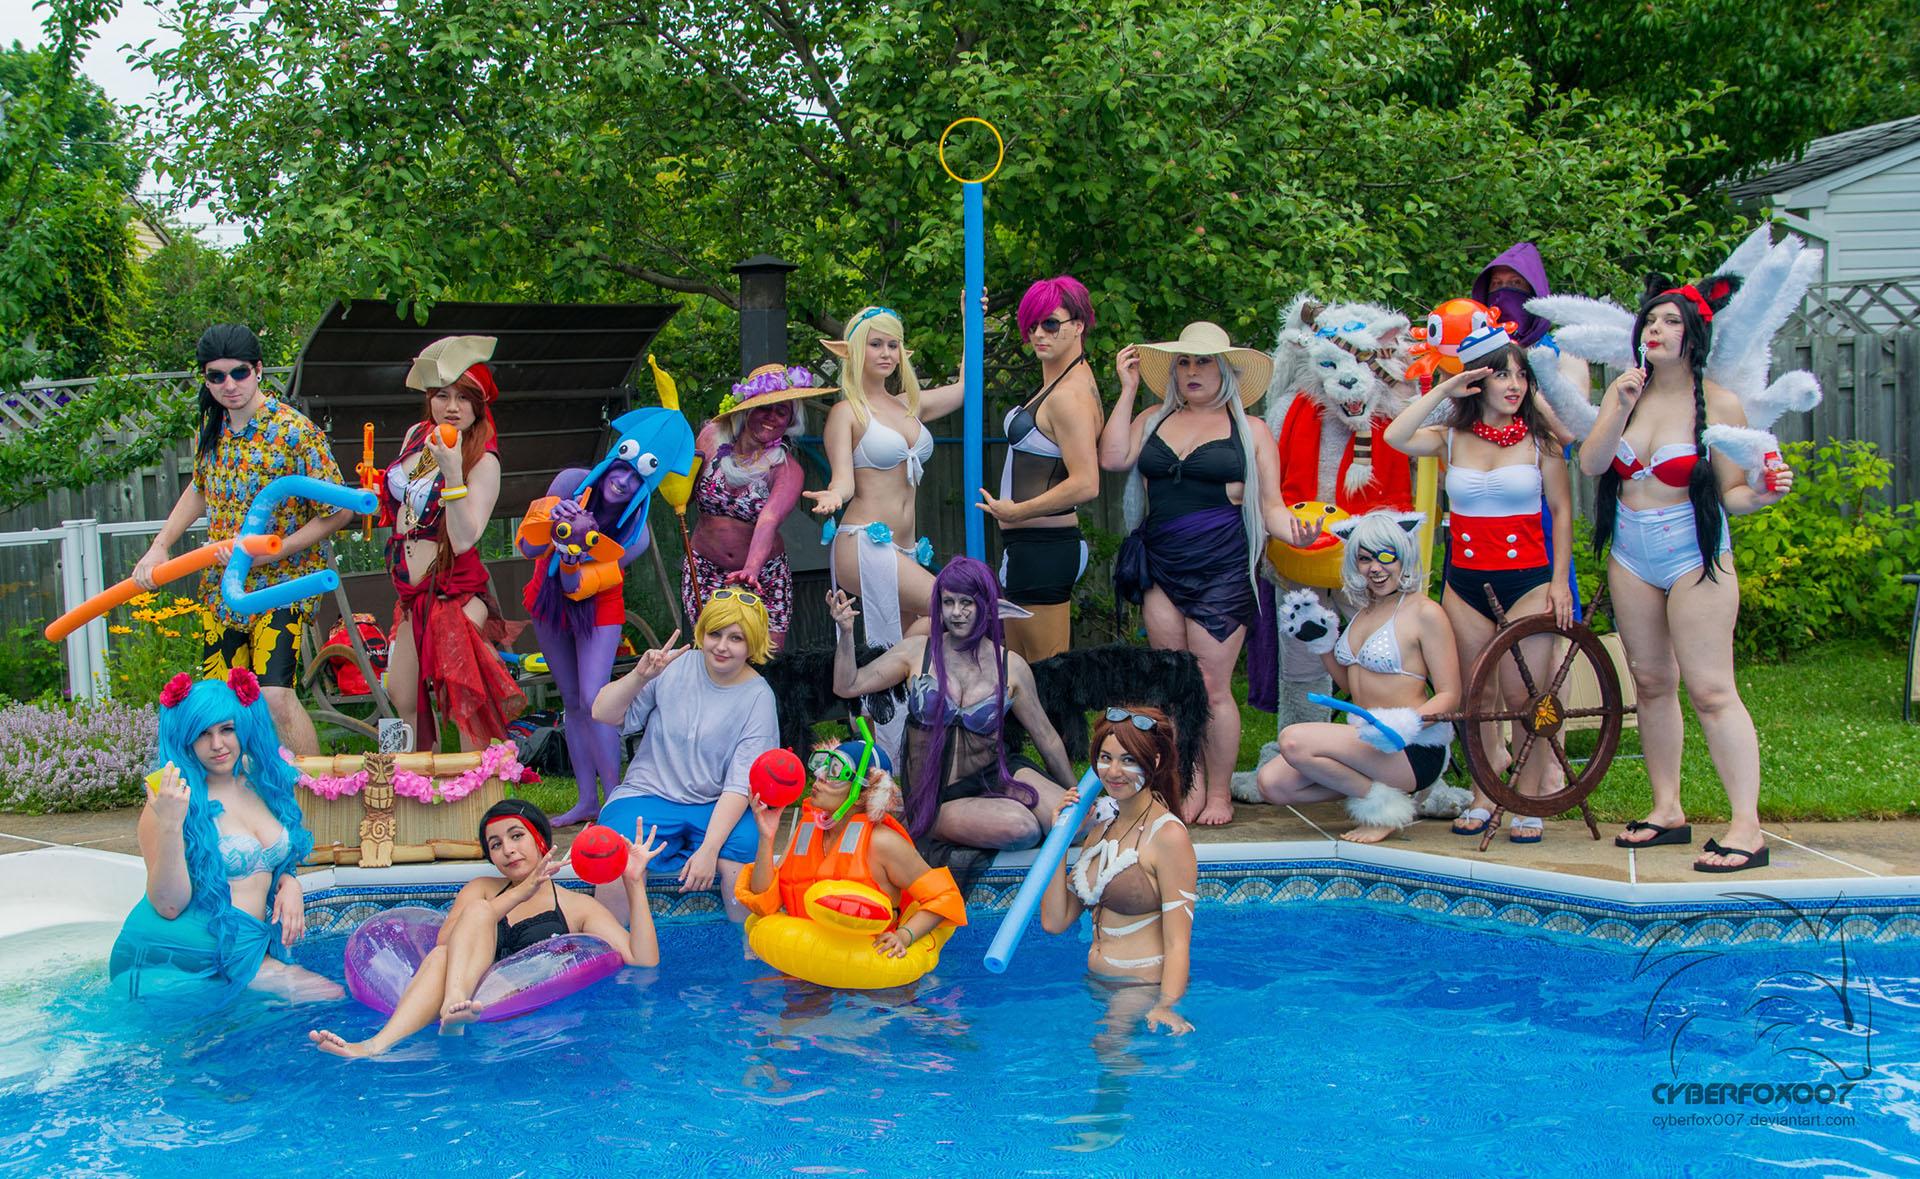 Pool orgy galleries 67